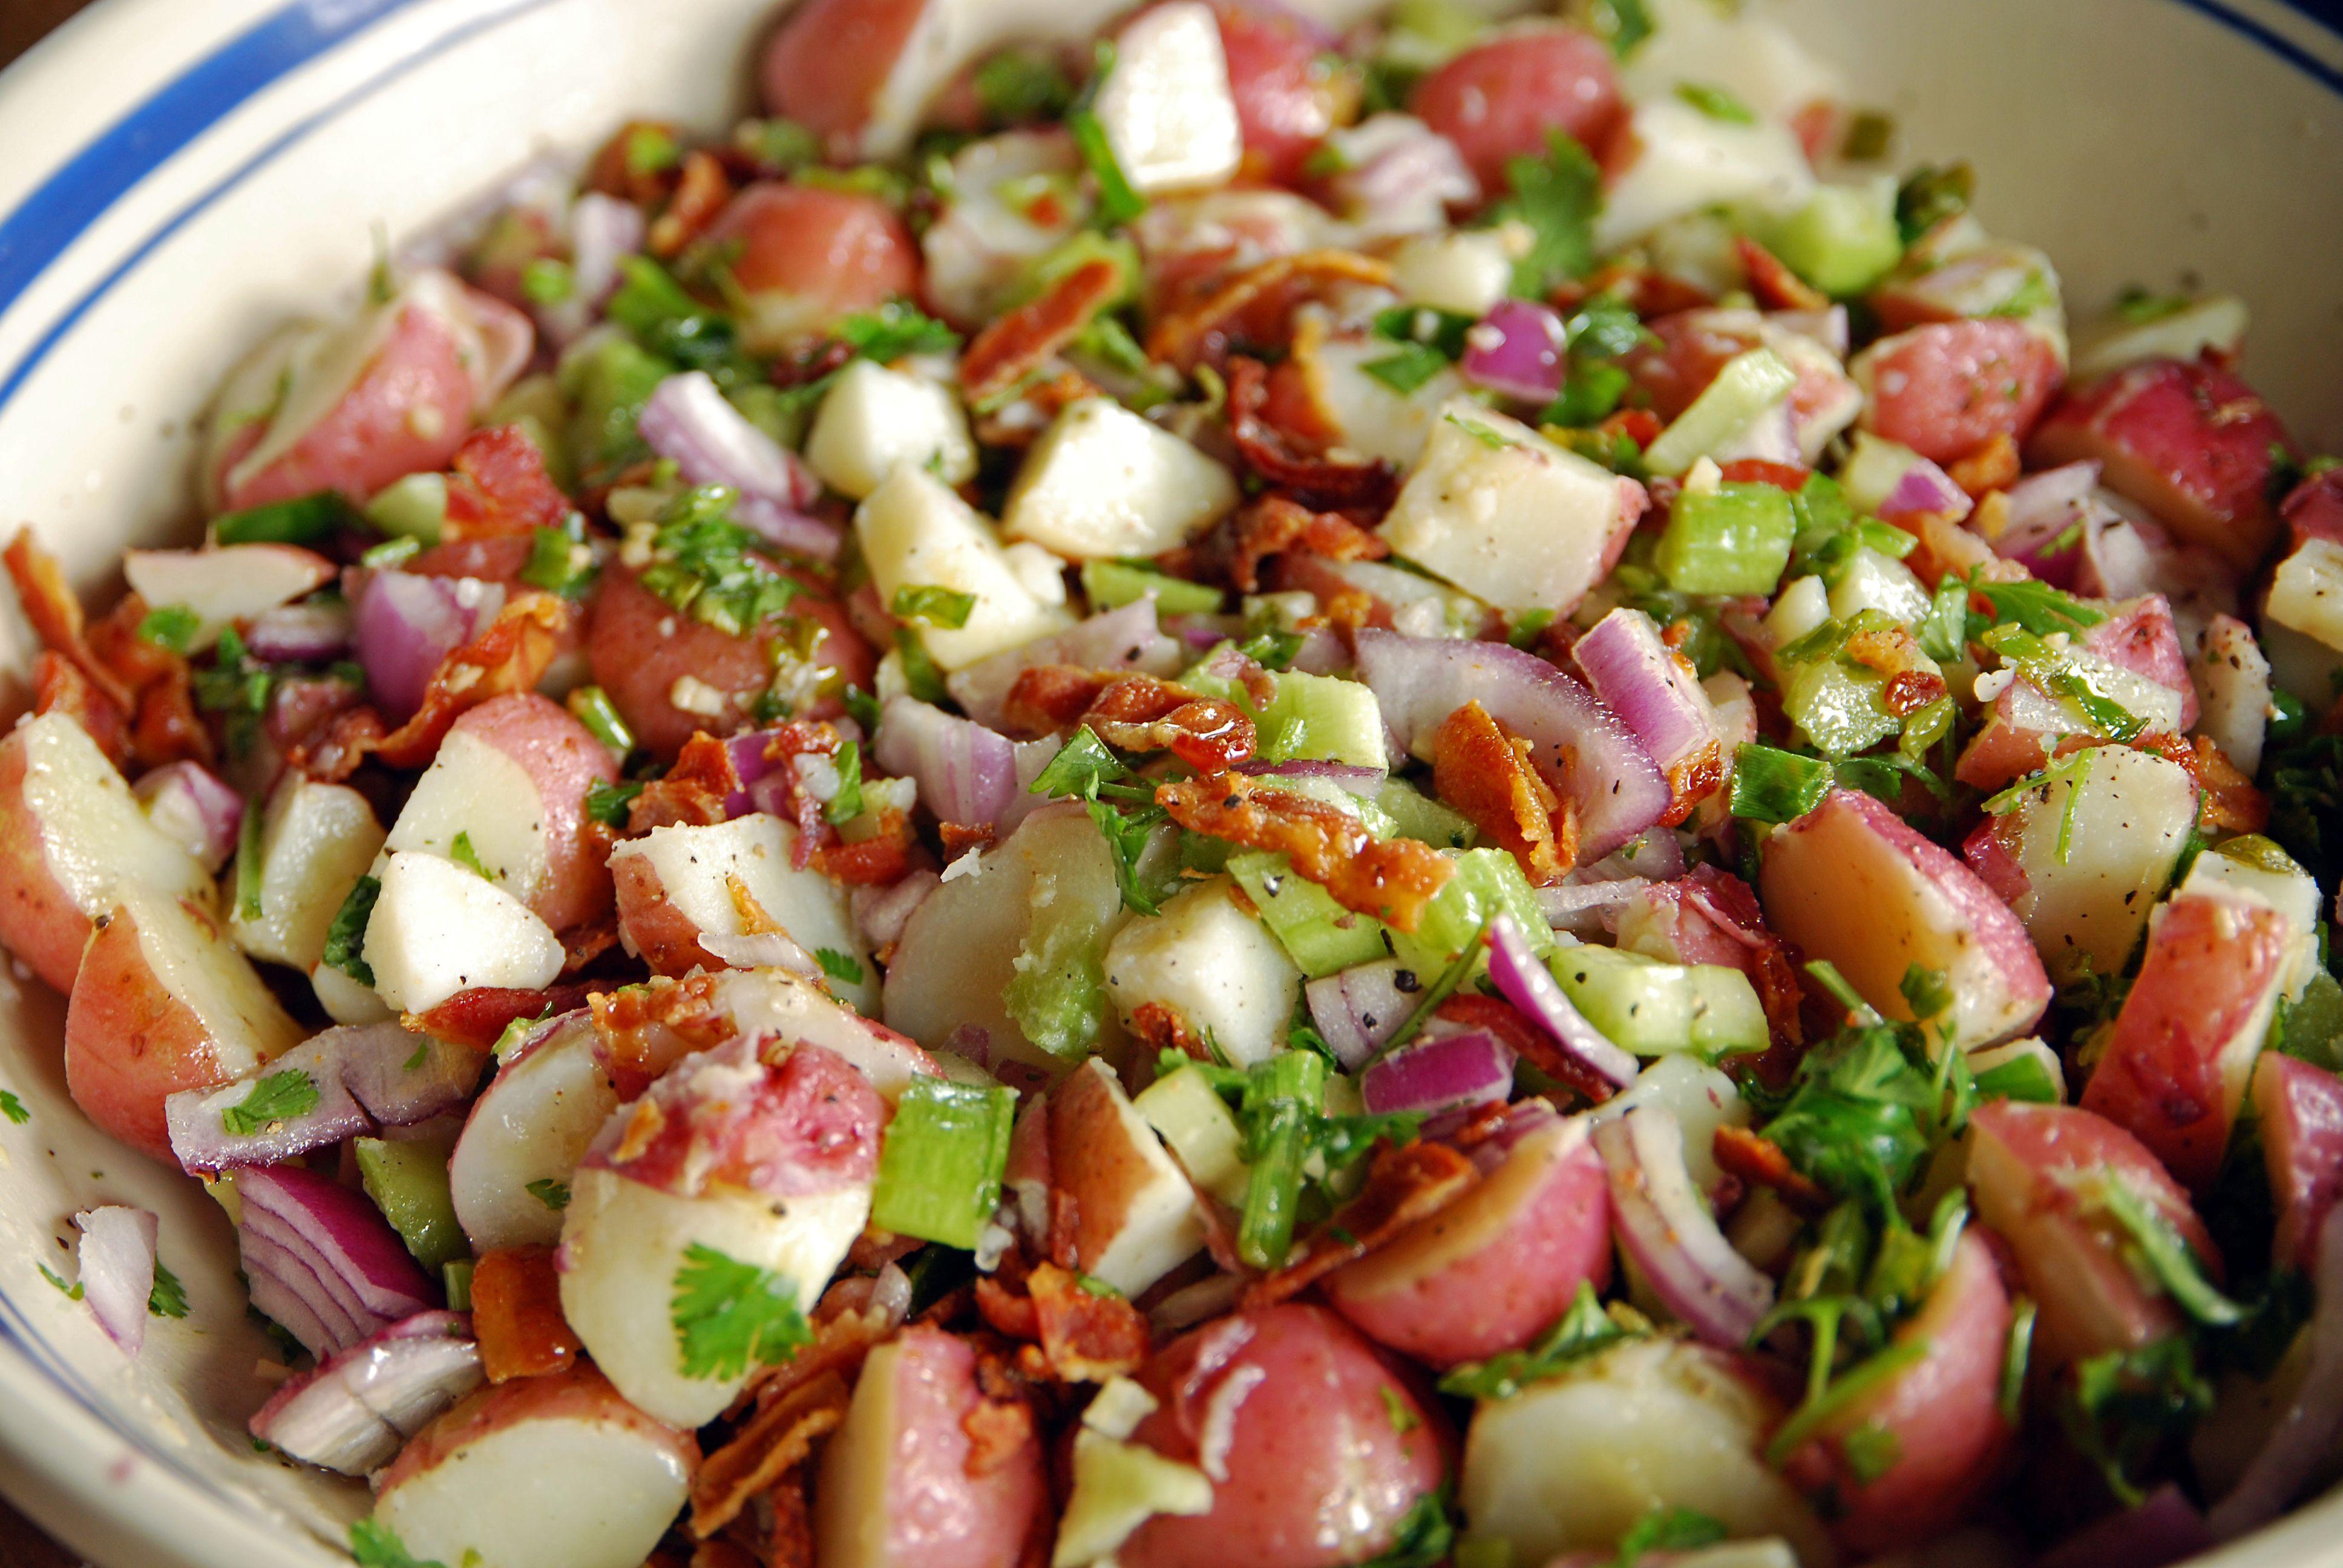 Summer Potato Salad Recipes No Mayo